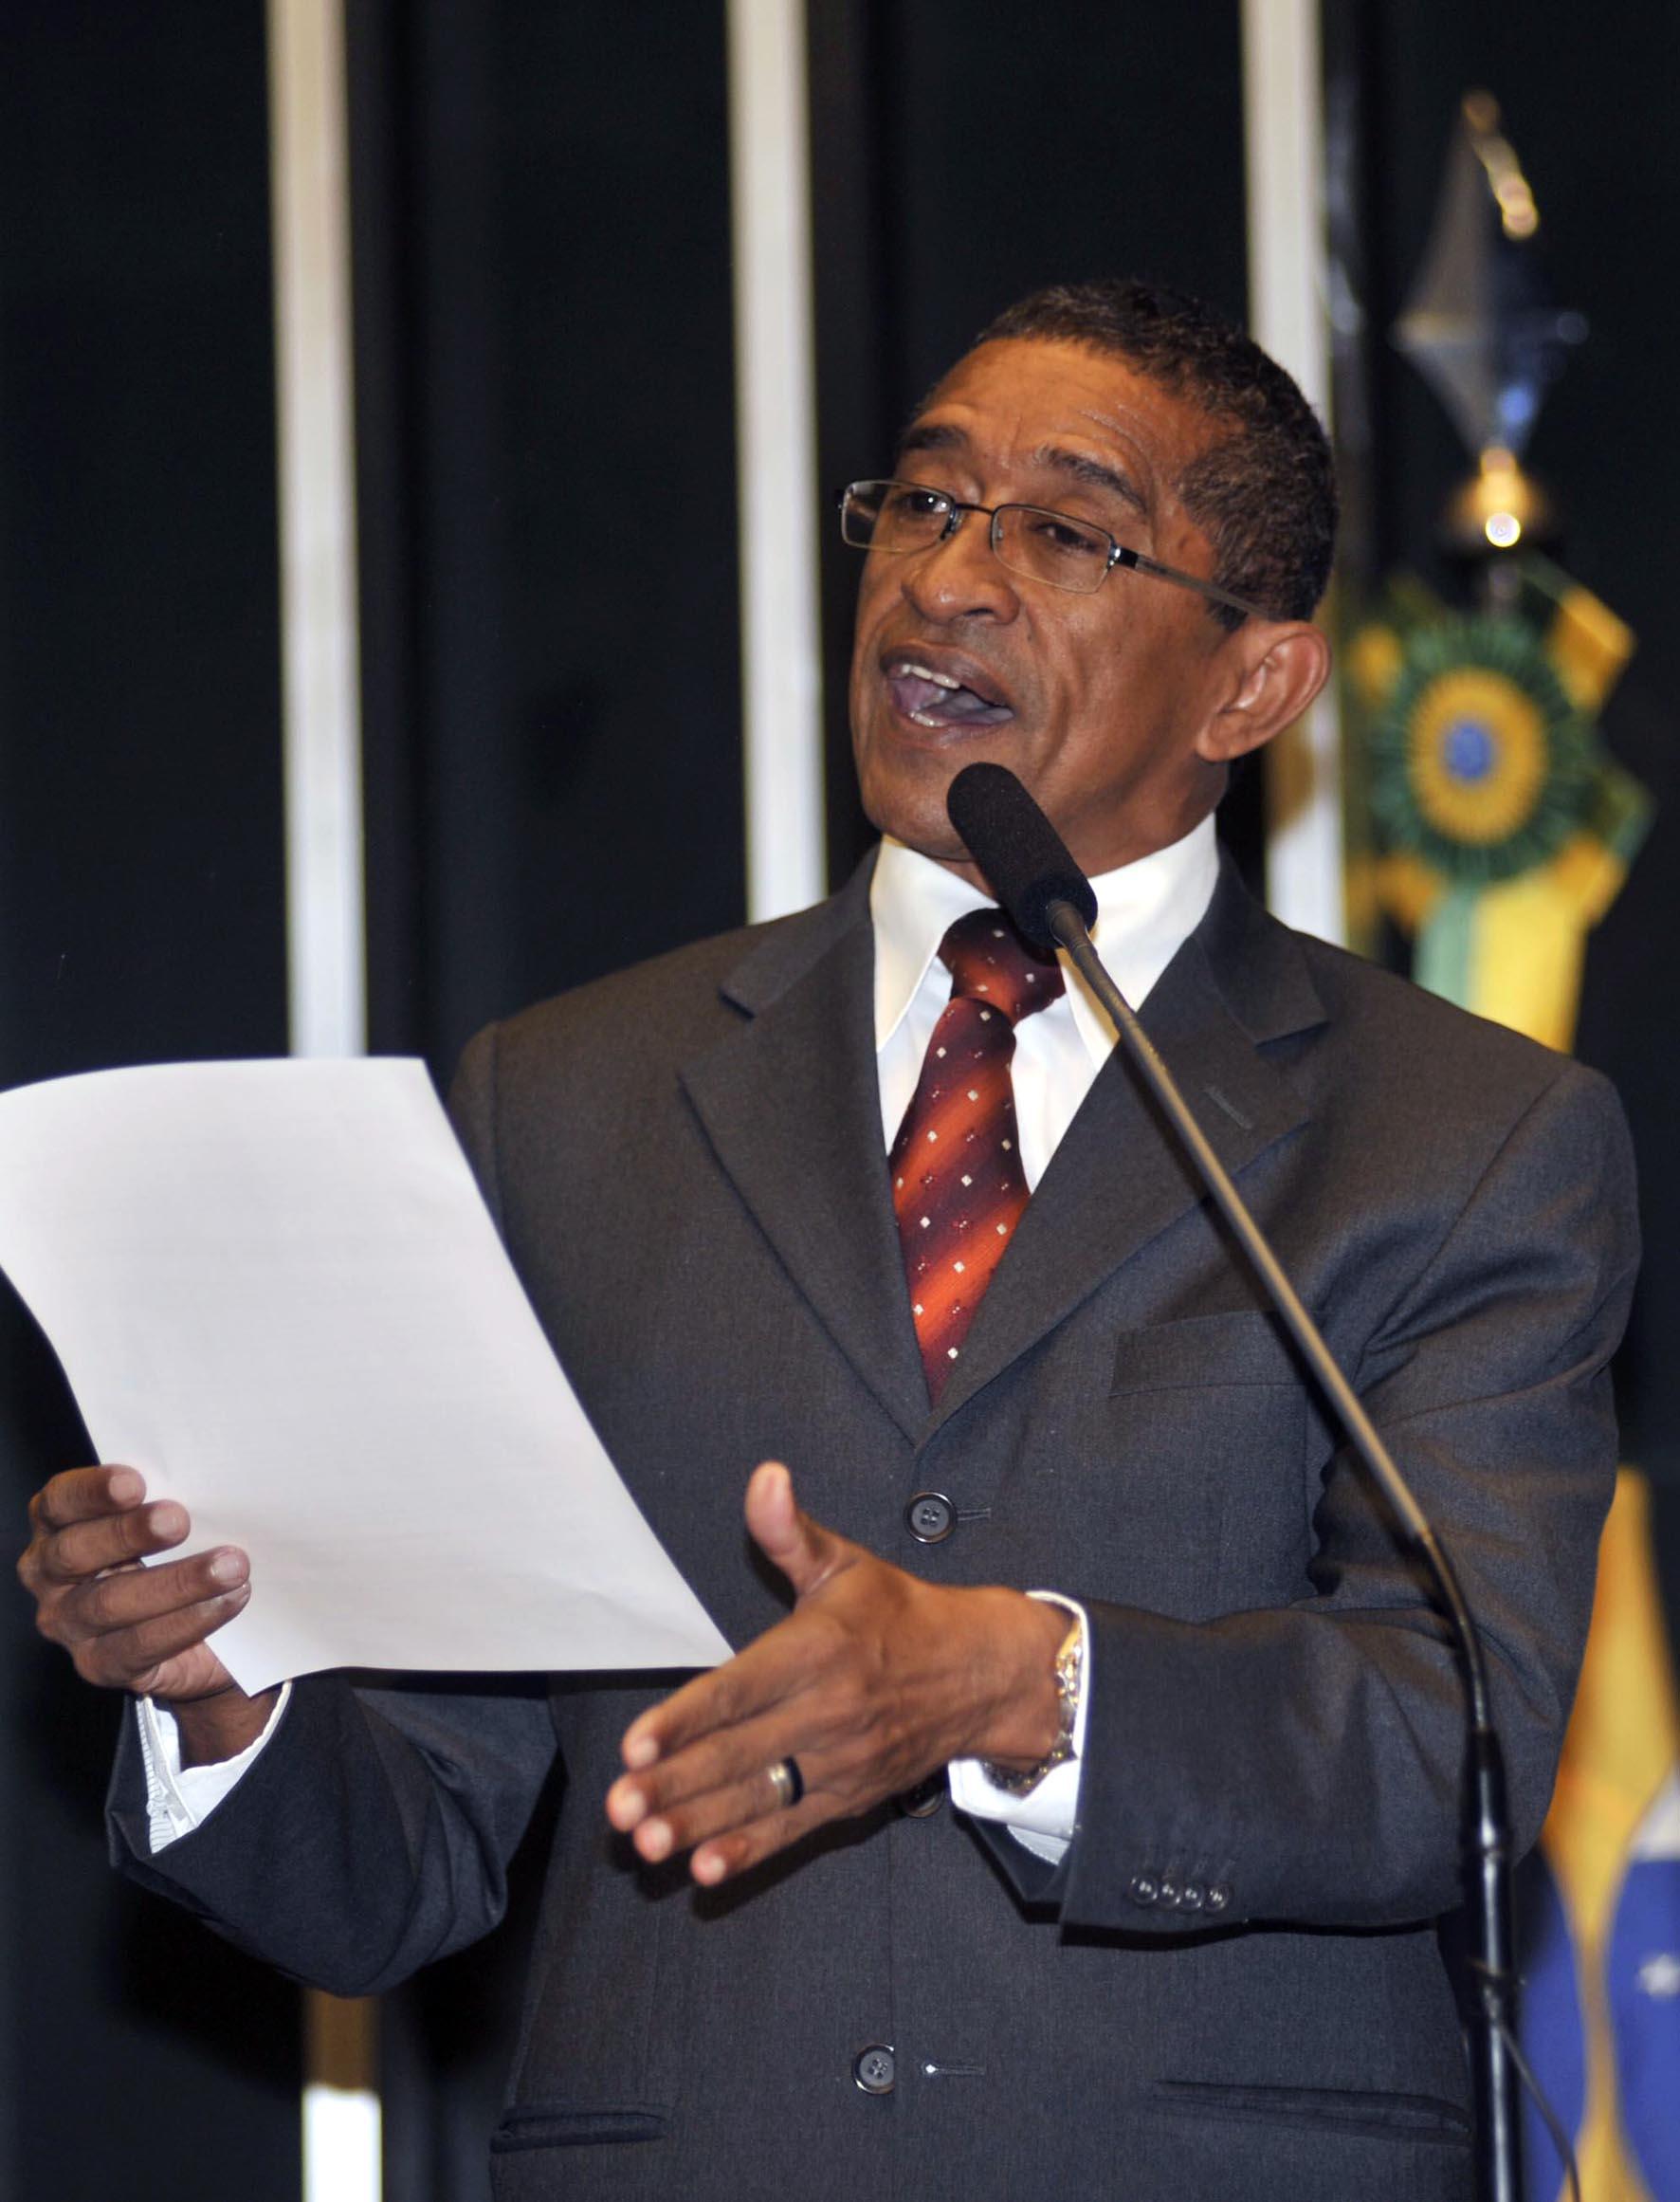 O deputado federal Vicente Paulo da Silva estará na Uniwidia para conhecer a cooperativa